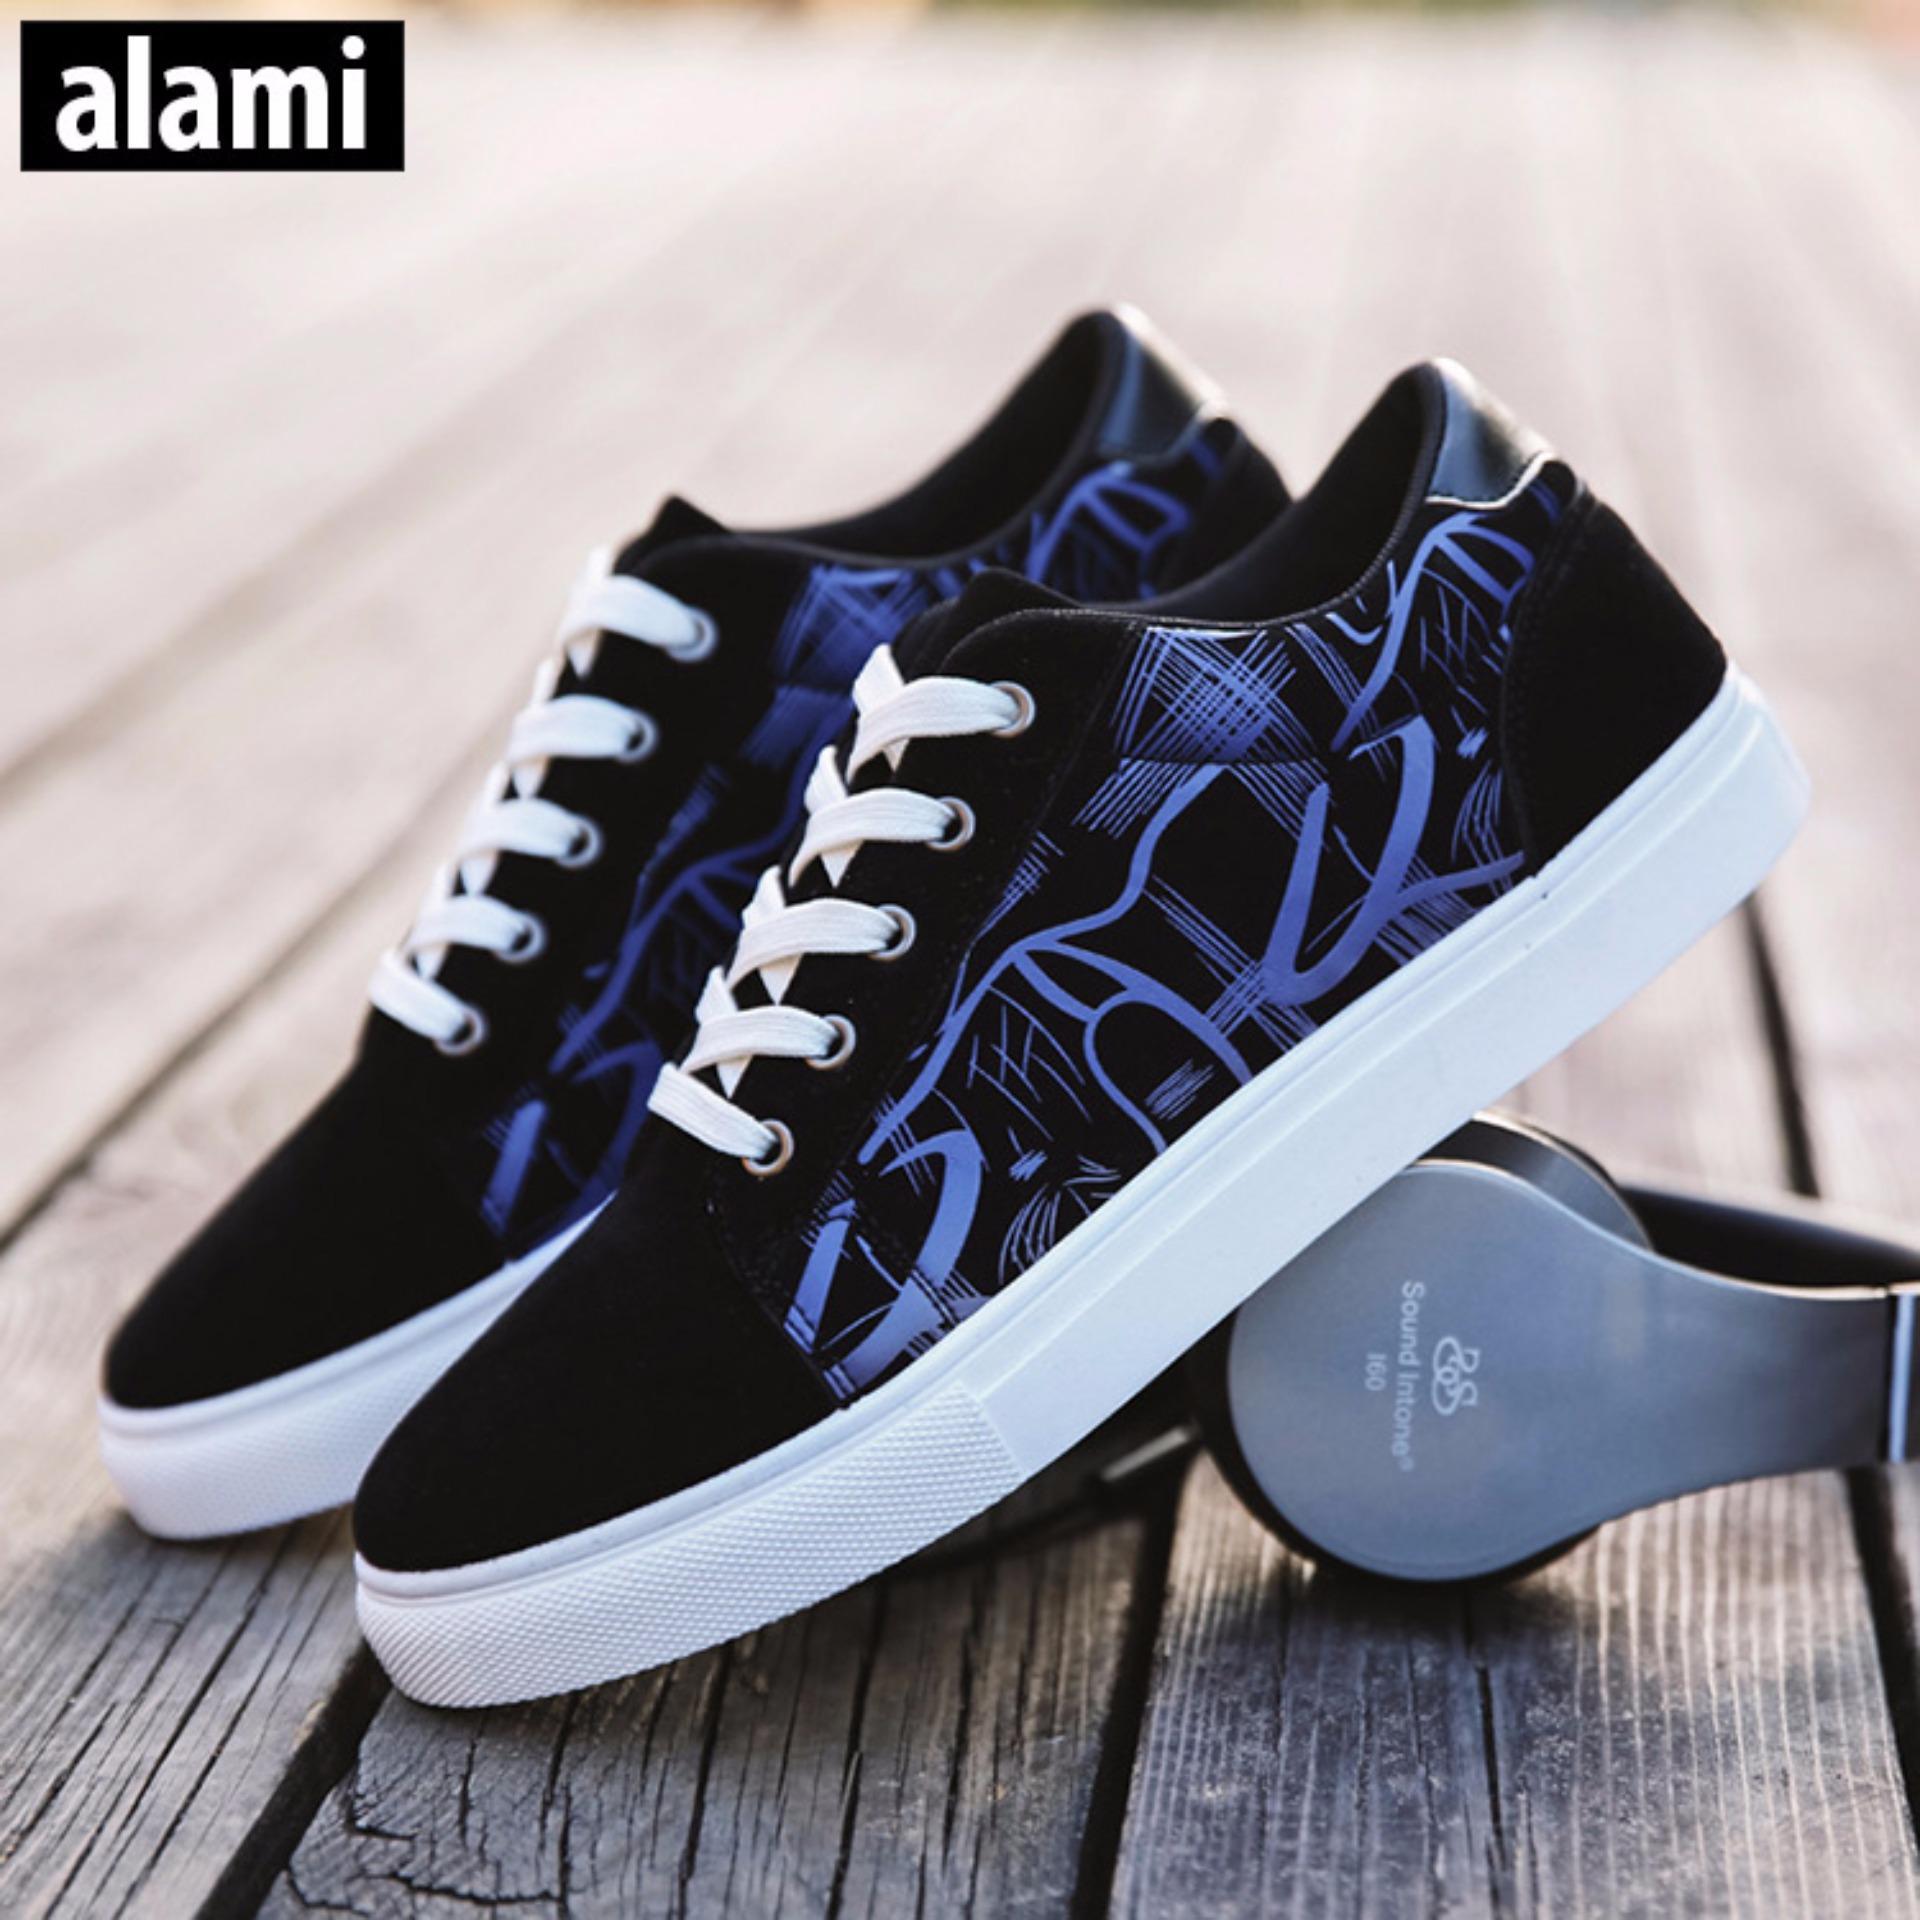 Giày Sneaker Thời Trang Nam Alami GTT343 ( Đen Xanh)